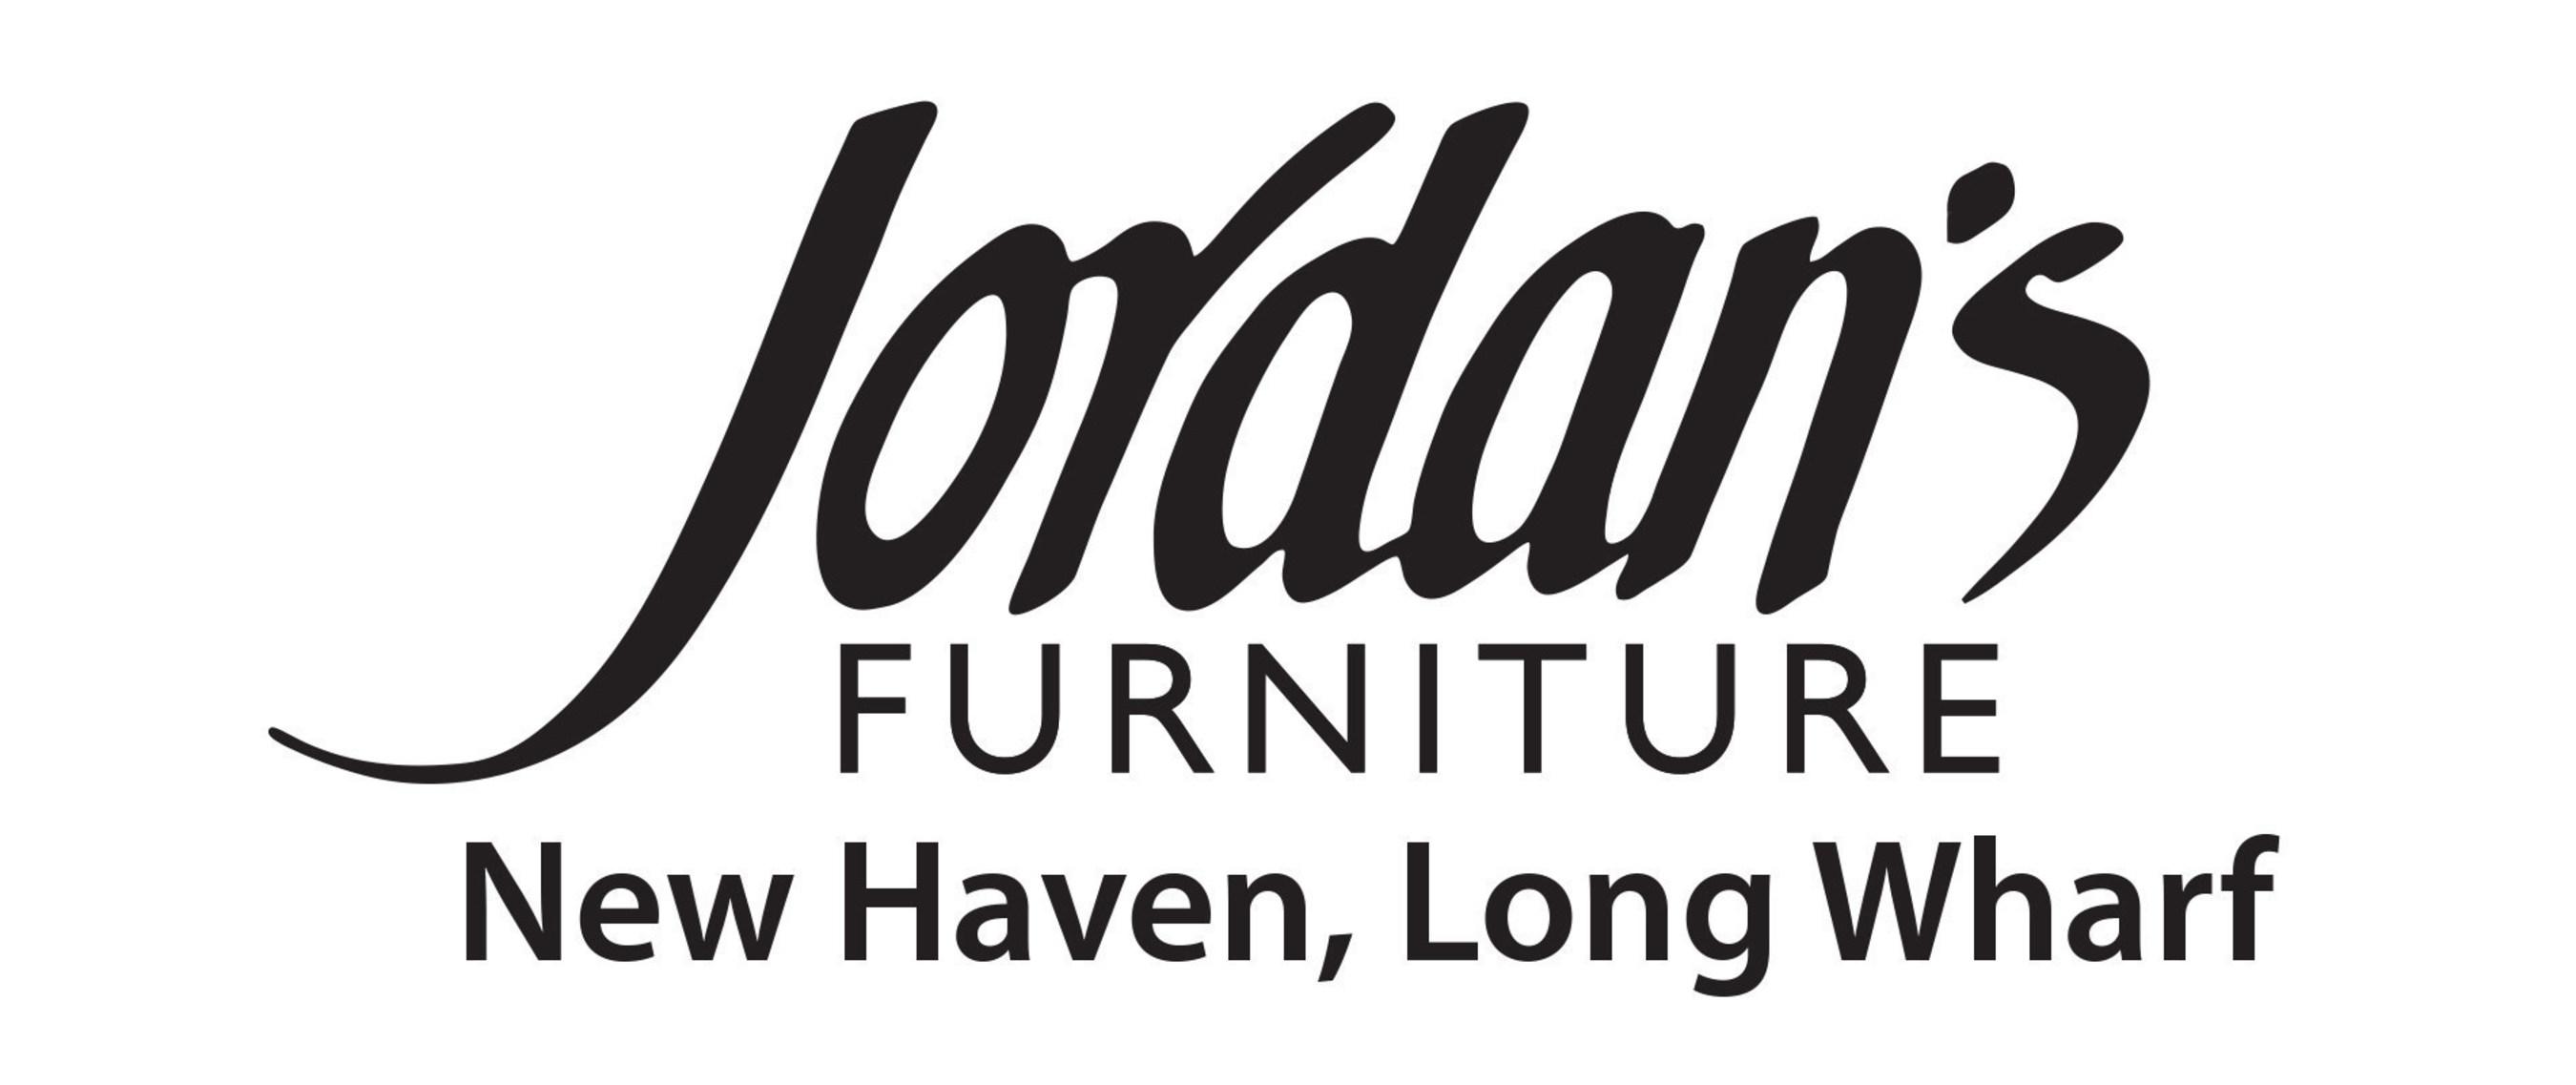 Jordan's Furniture New Haven, Long Wharf